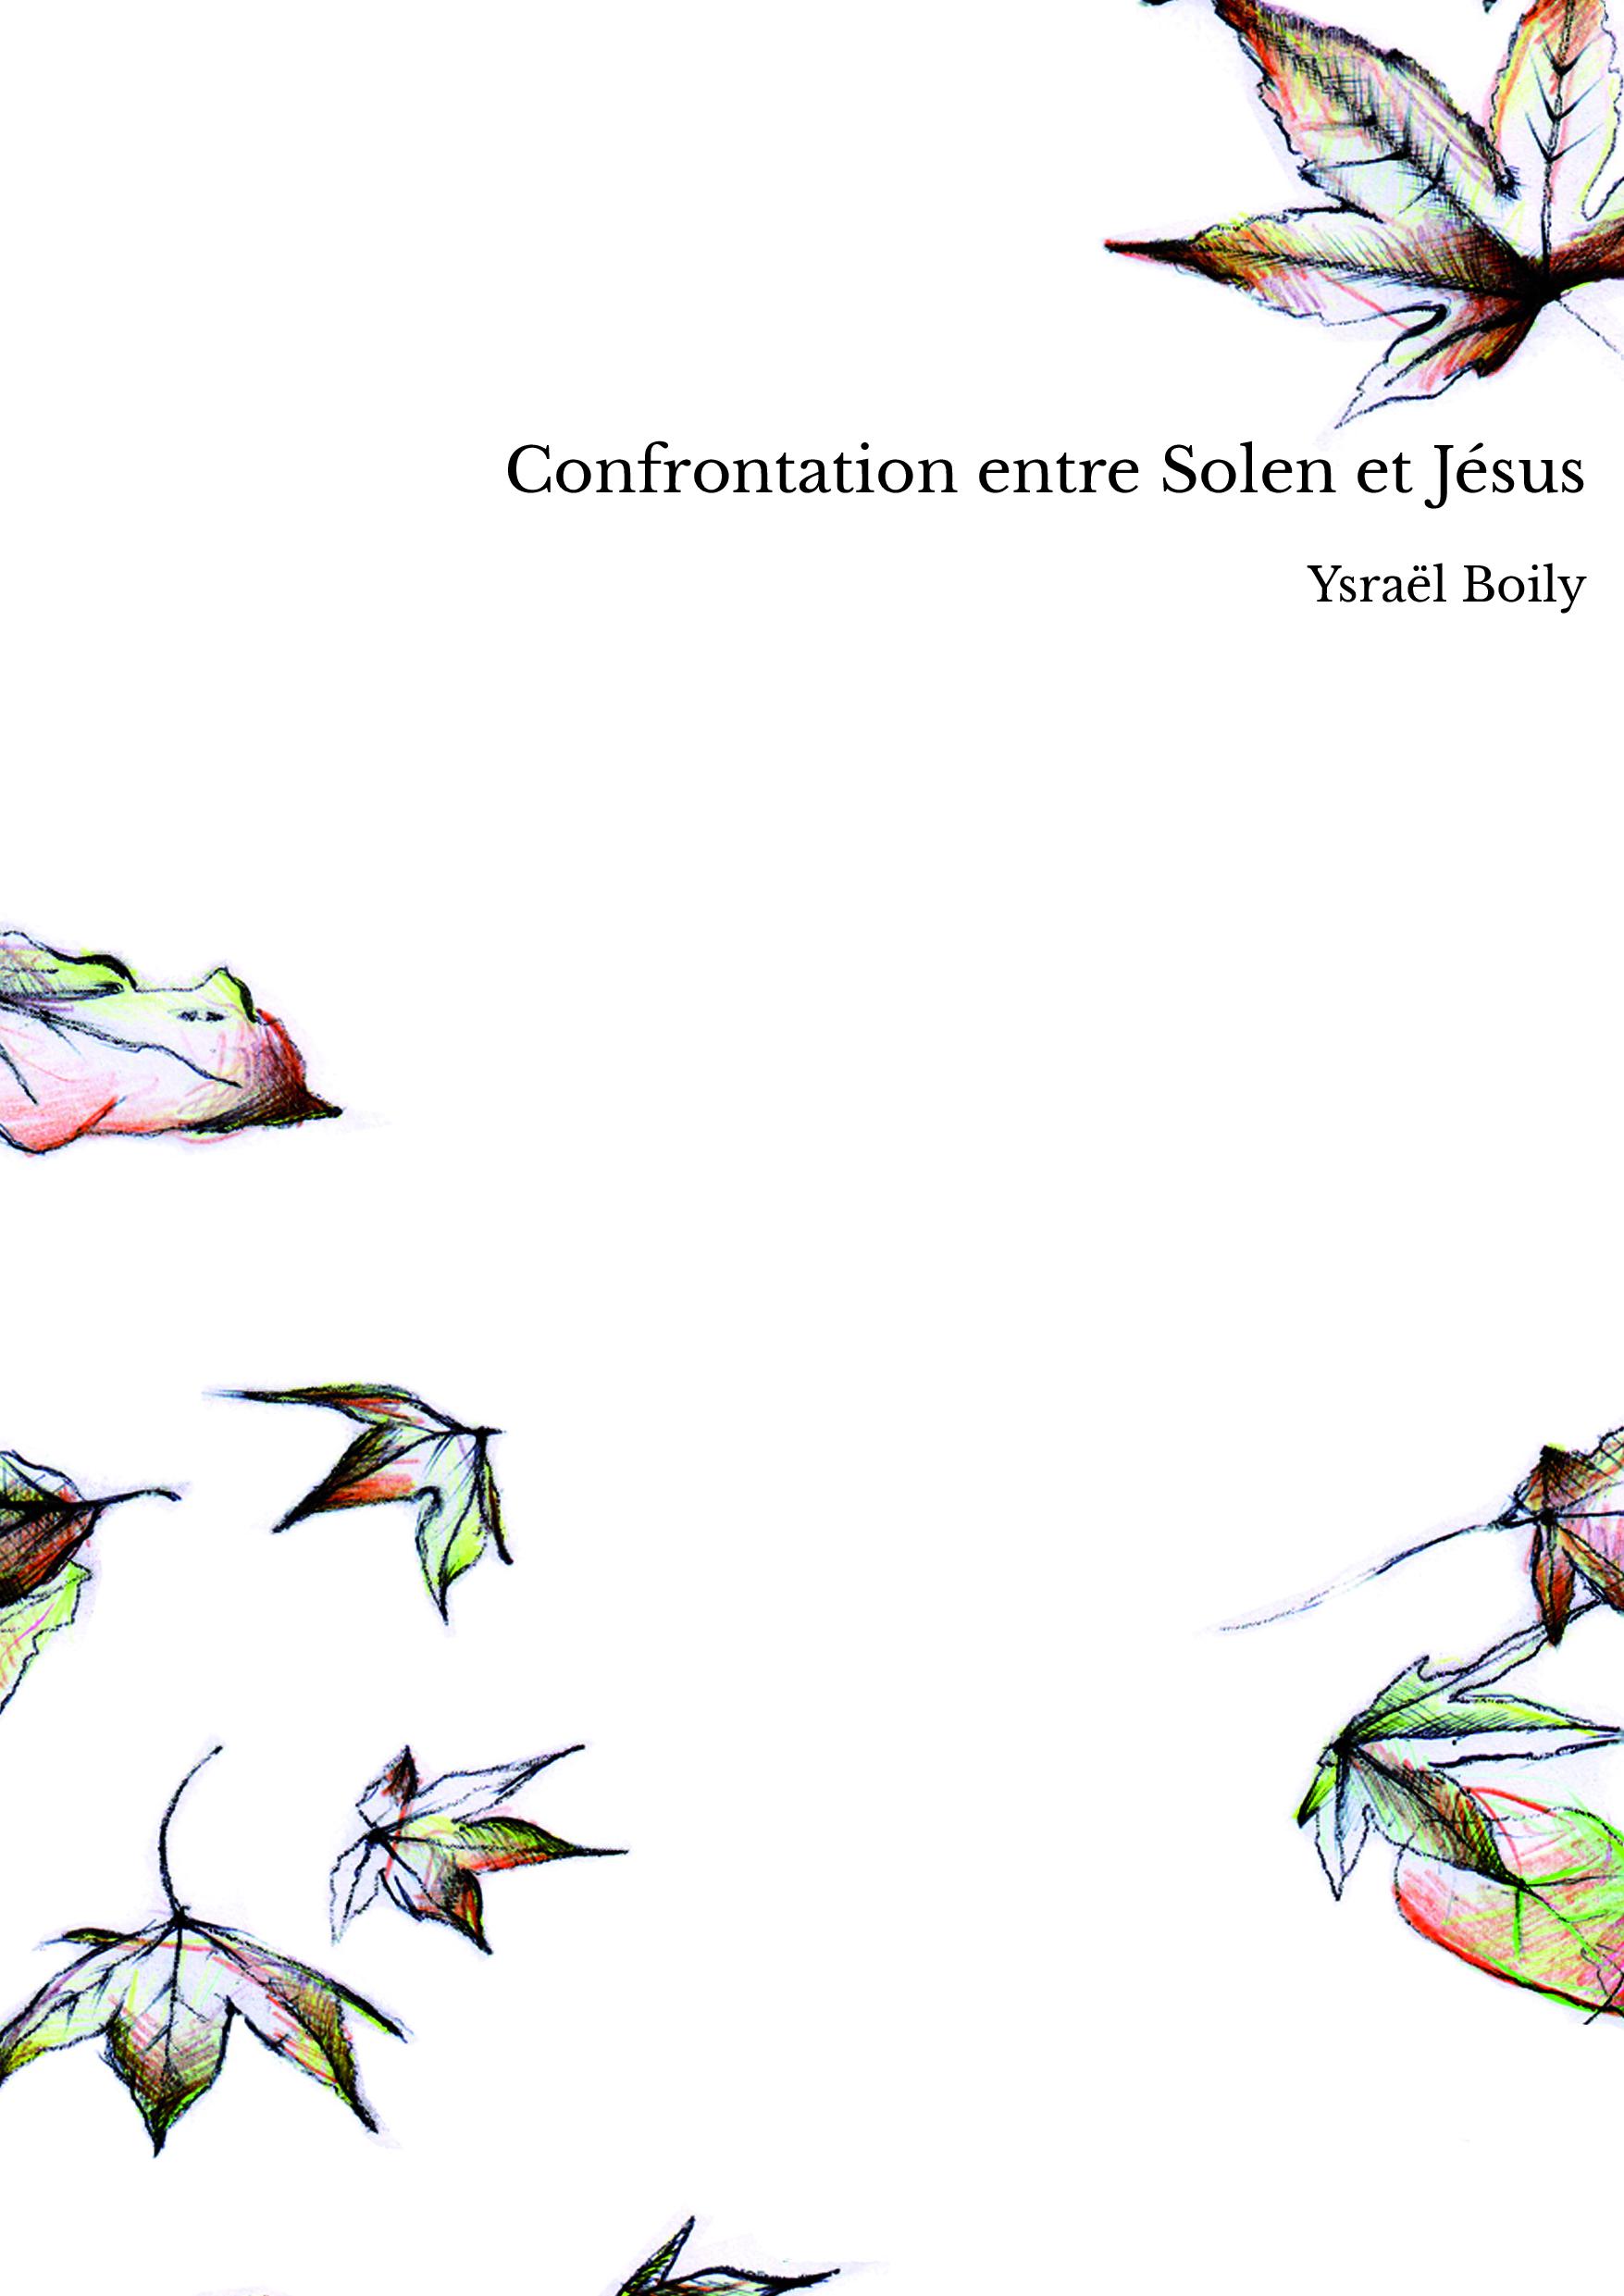 Confrontation entre Solen et Jésus